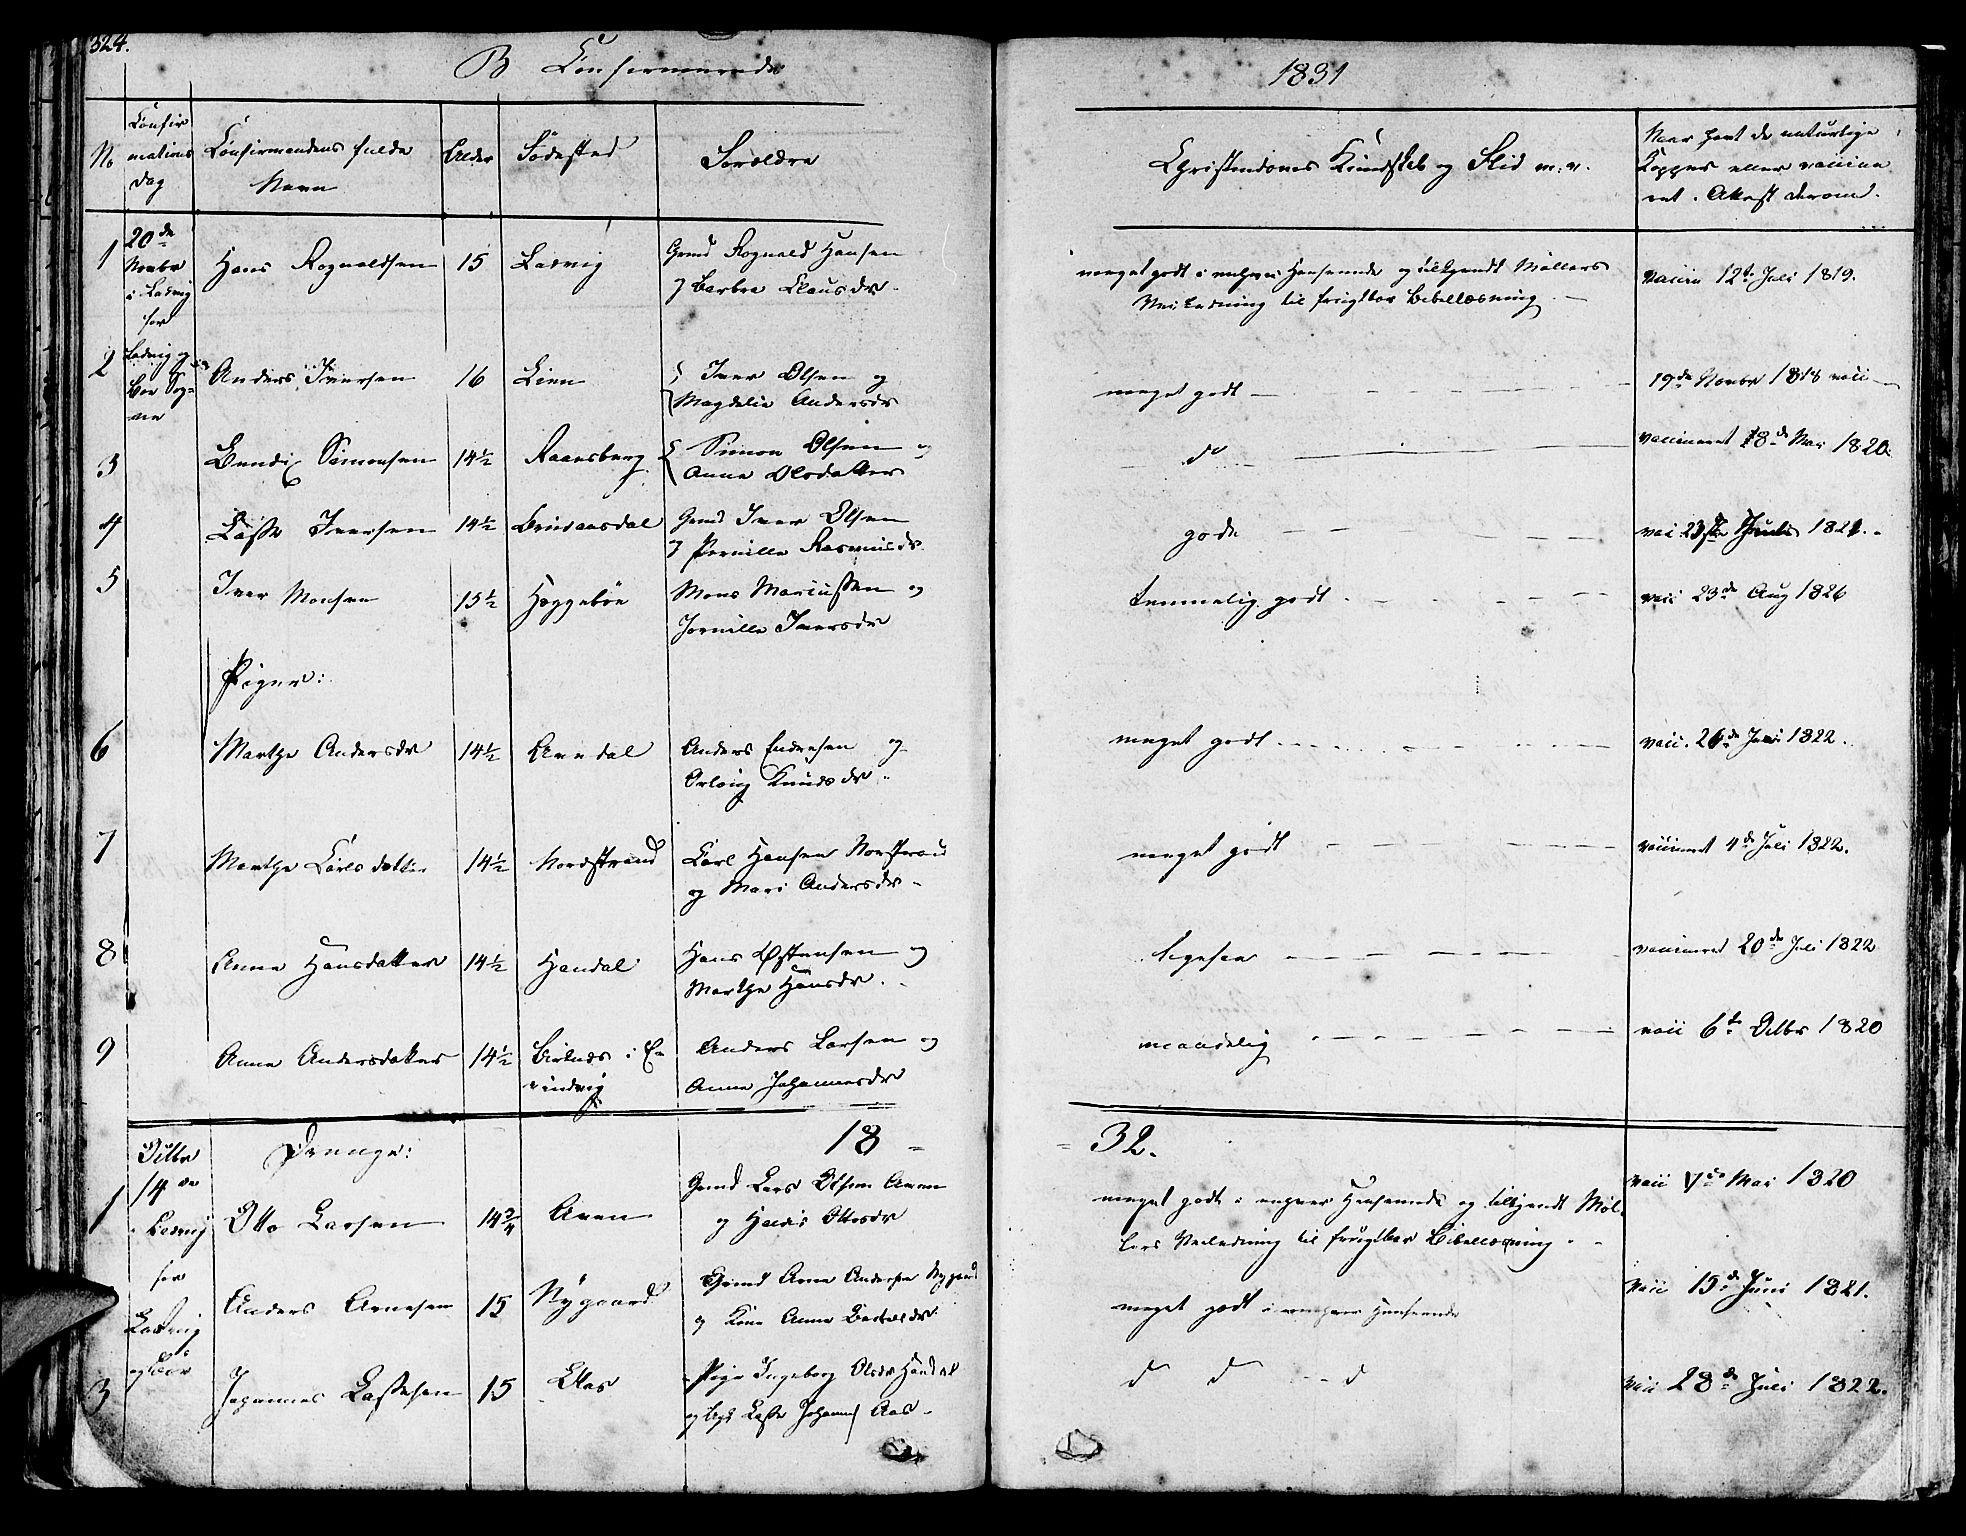 SAB, Lavik sokneprestembete, Ministerialbok nr. A 2I, 1821-1842, s. 324